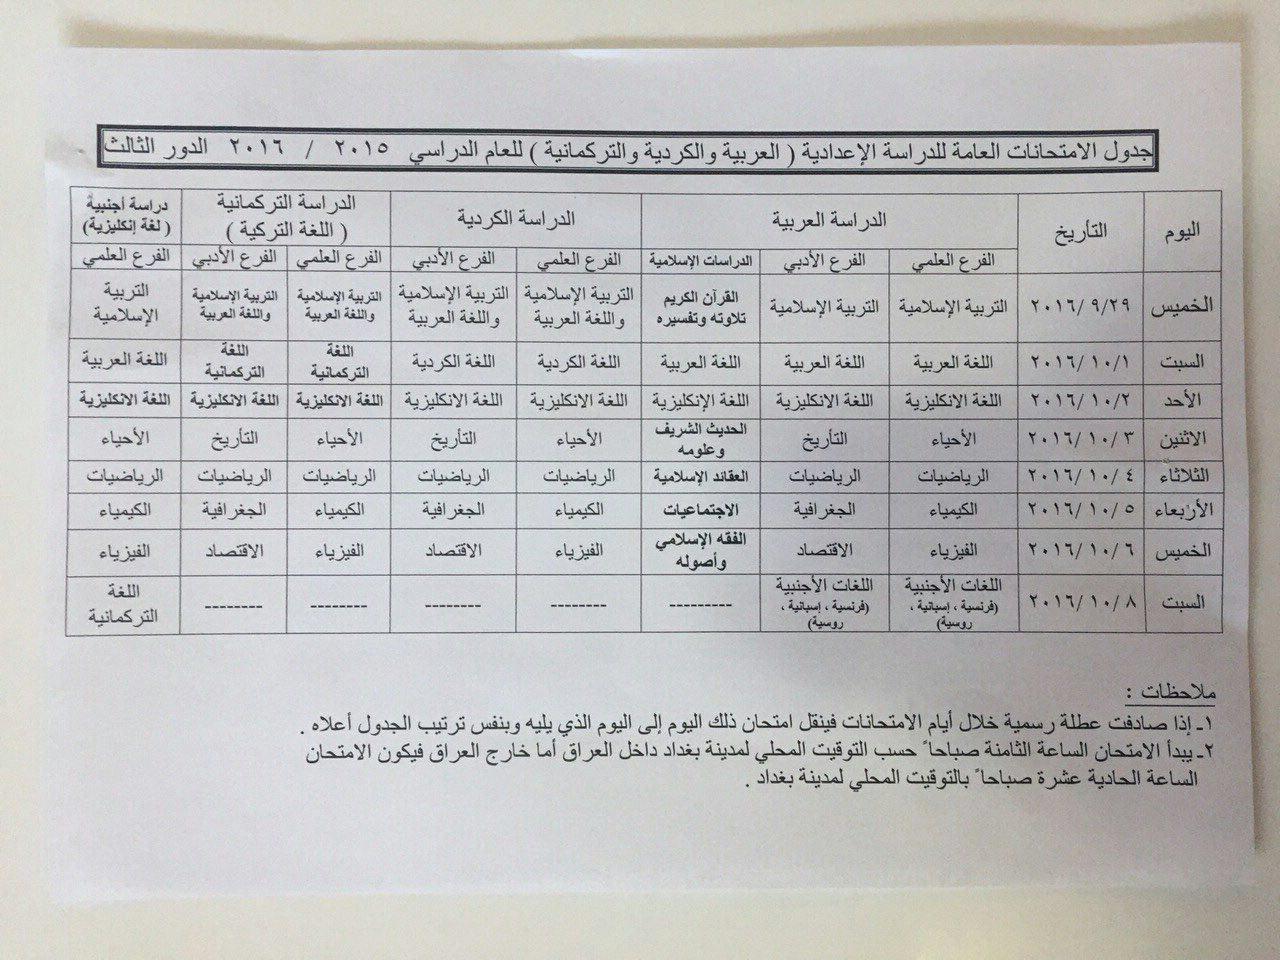 جدول الامتحانات العامة للدراسة الاعدادية (العربية والكردية والتركمانية) للعام الدراسي 2015/2016 - الدور الثالث